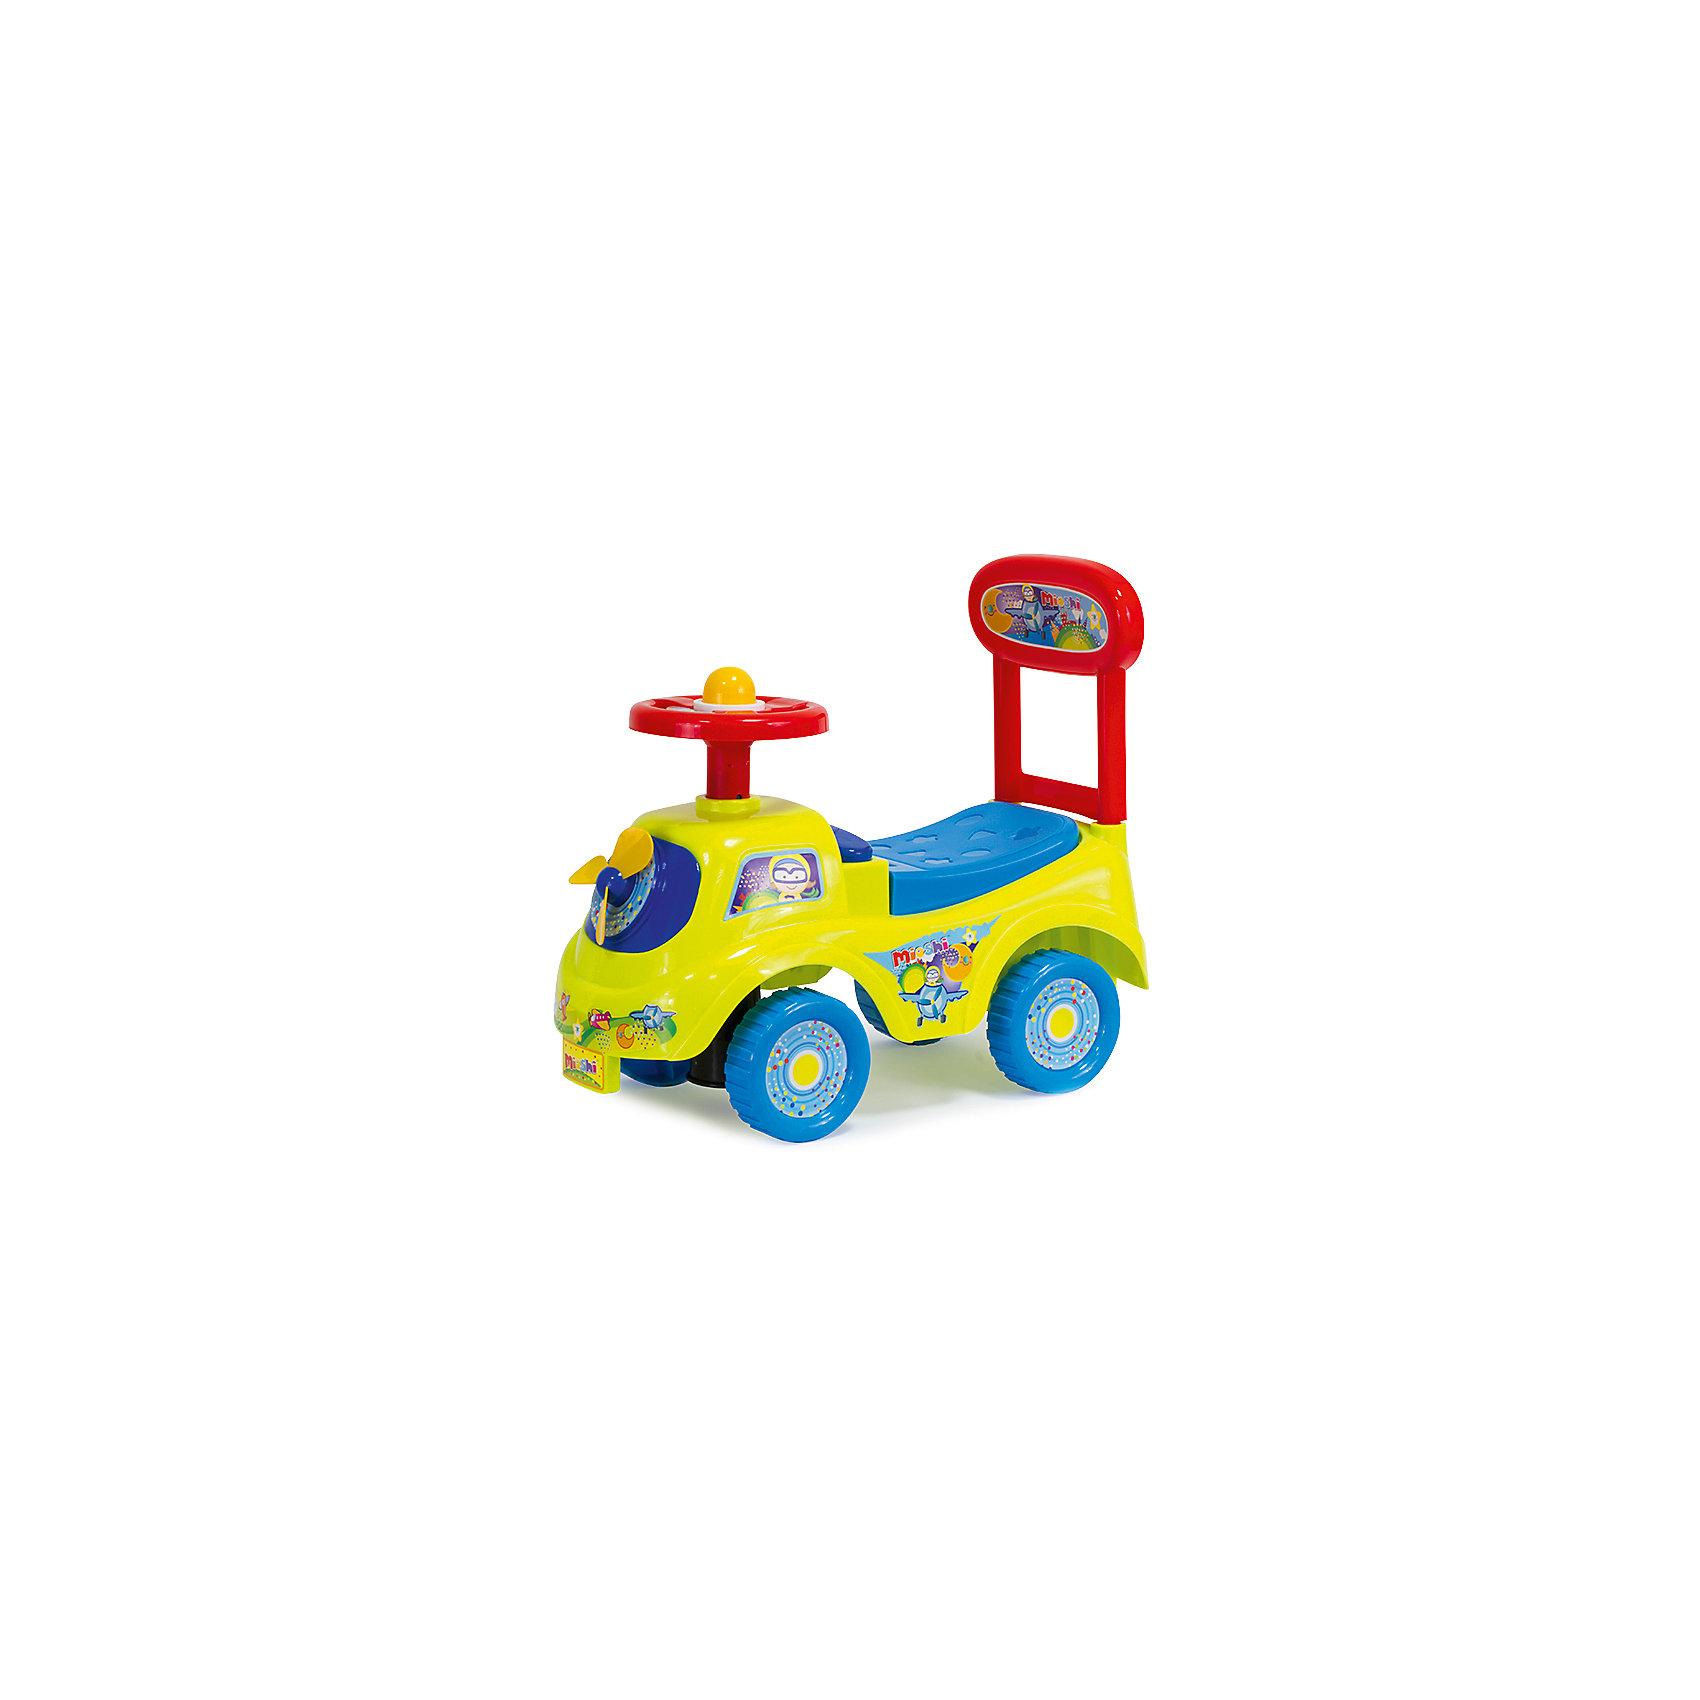 Автомобиль-каталка  Штурман, MioshiТолокар – это современная машинка-каталка, которая предназначена для детей от 1 года и подходит для игр дома и на улице. Машинка оснащена игровыми элементами, которые помогут развить тактильные ощущения и визуально-звуковое восприятие малыша. Наличие спинки обеспечит удобное положение ребёнка во время игры, а яркий дизайн будет радовать не только детей, но и взрослых!<br><br>Преимущества: <br>• Привлекательный дизайн<br>• Функциональные элементы: спинка-ручка, сиденье-багажник<br>• Развивающая игровая панель<br>• Упаковка на русском языке<br><br>Ширина мм: 480<br>Глубина мм: 220<br>Высота мм: 410<br>Вес г: 1883<br>Возраст от месяцев: 12<br>Возраст до месяцев: 36<br>Пол: Унисекс<br>Возраст: Детский<br>SKU: 4795403